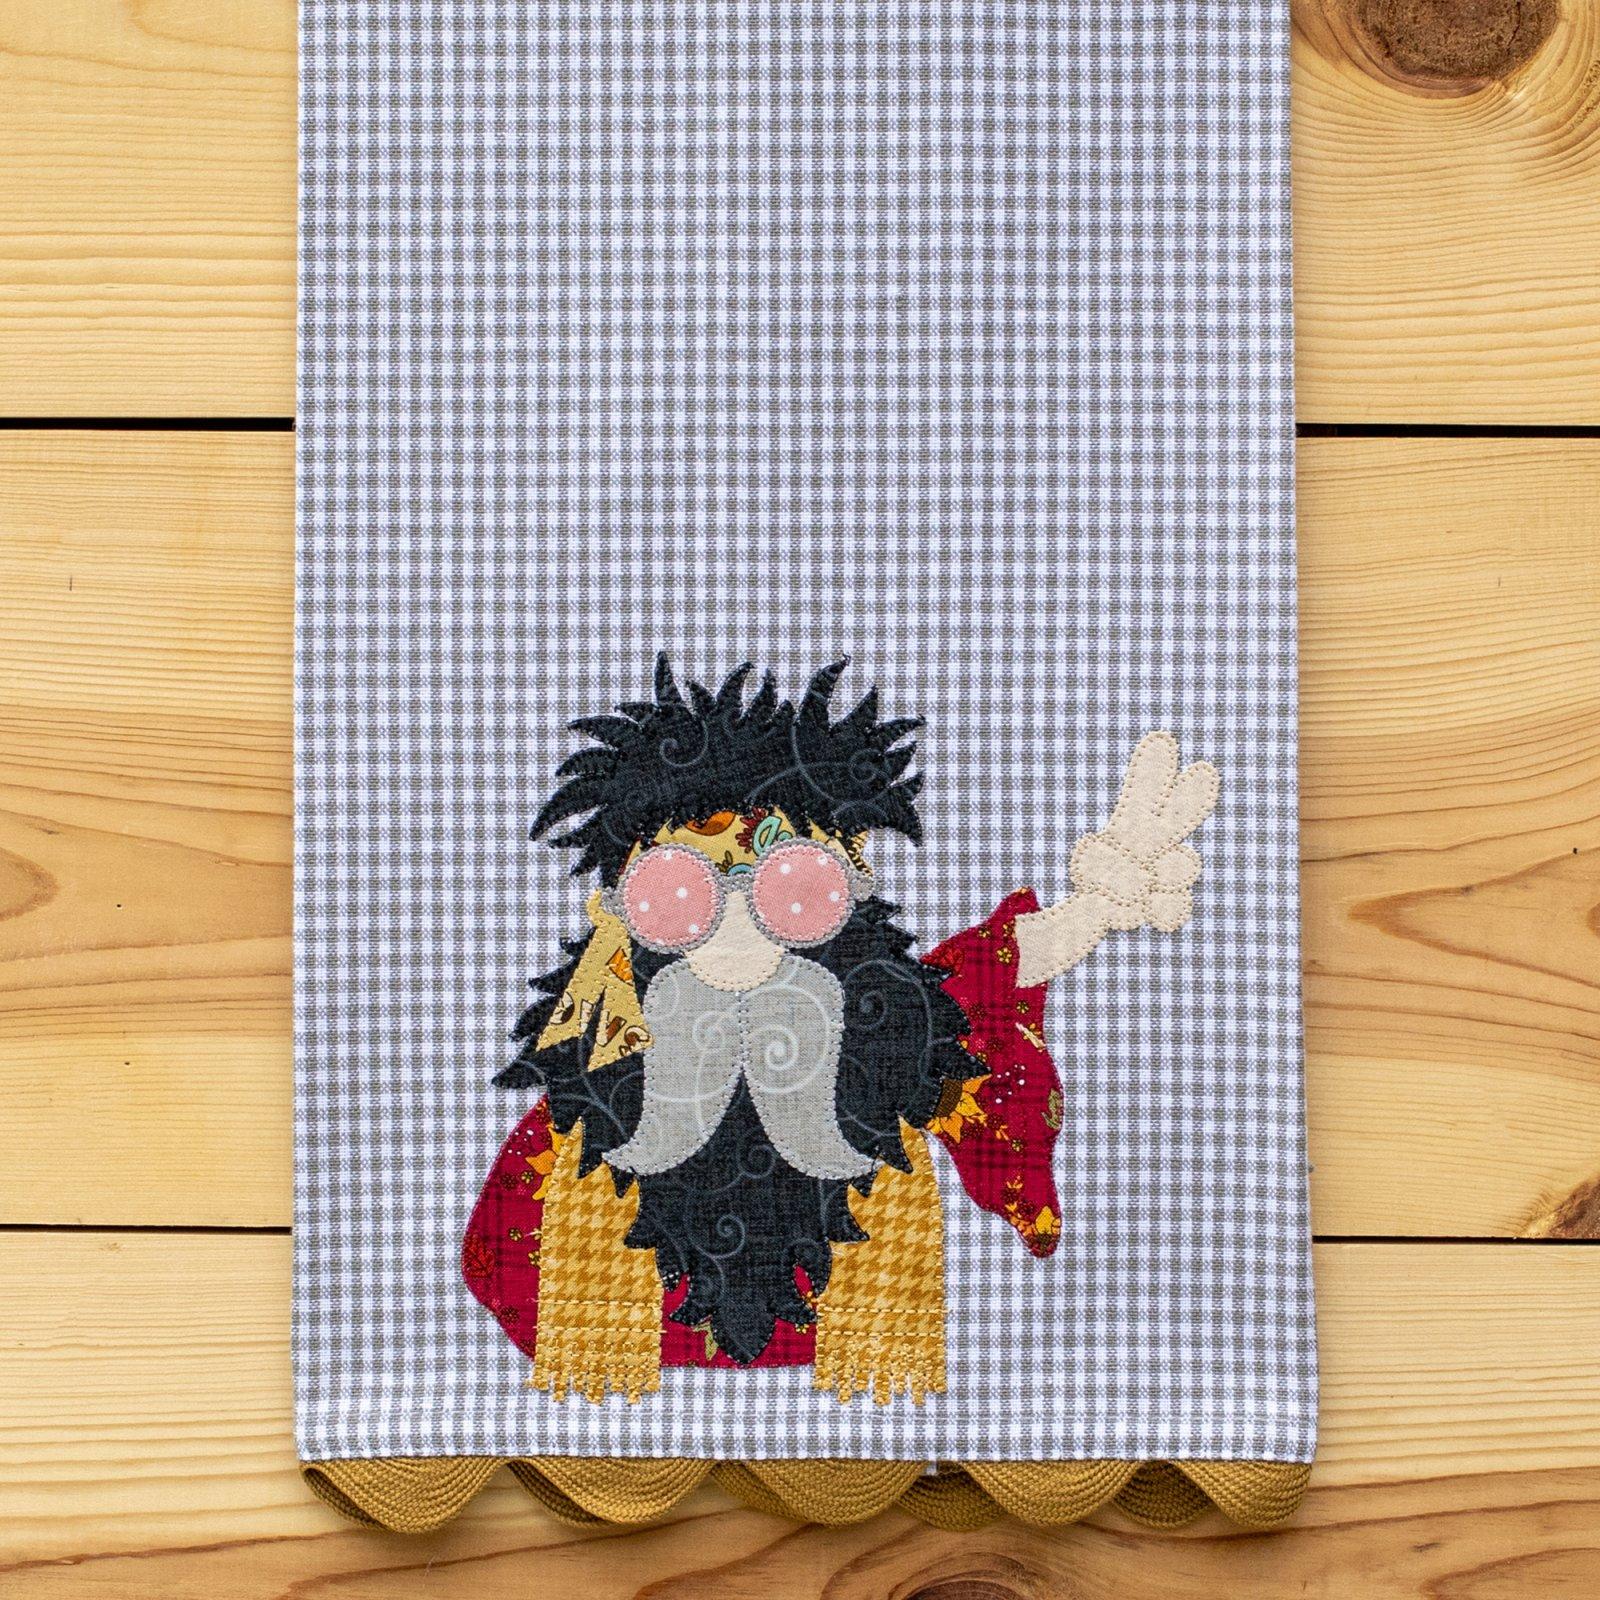 Hippie Gnome Tea Towel Kit